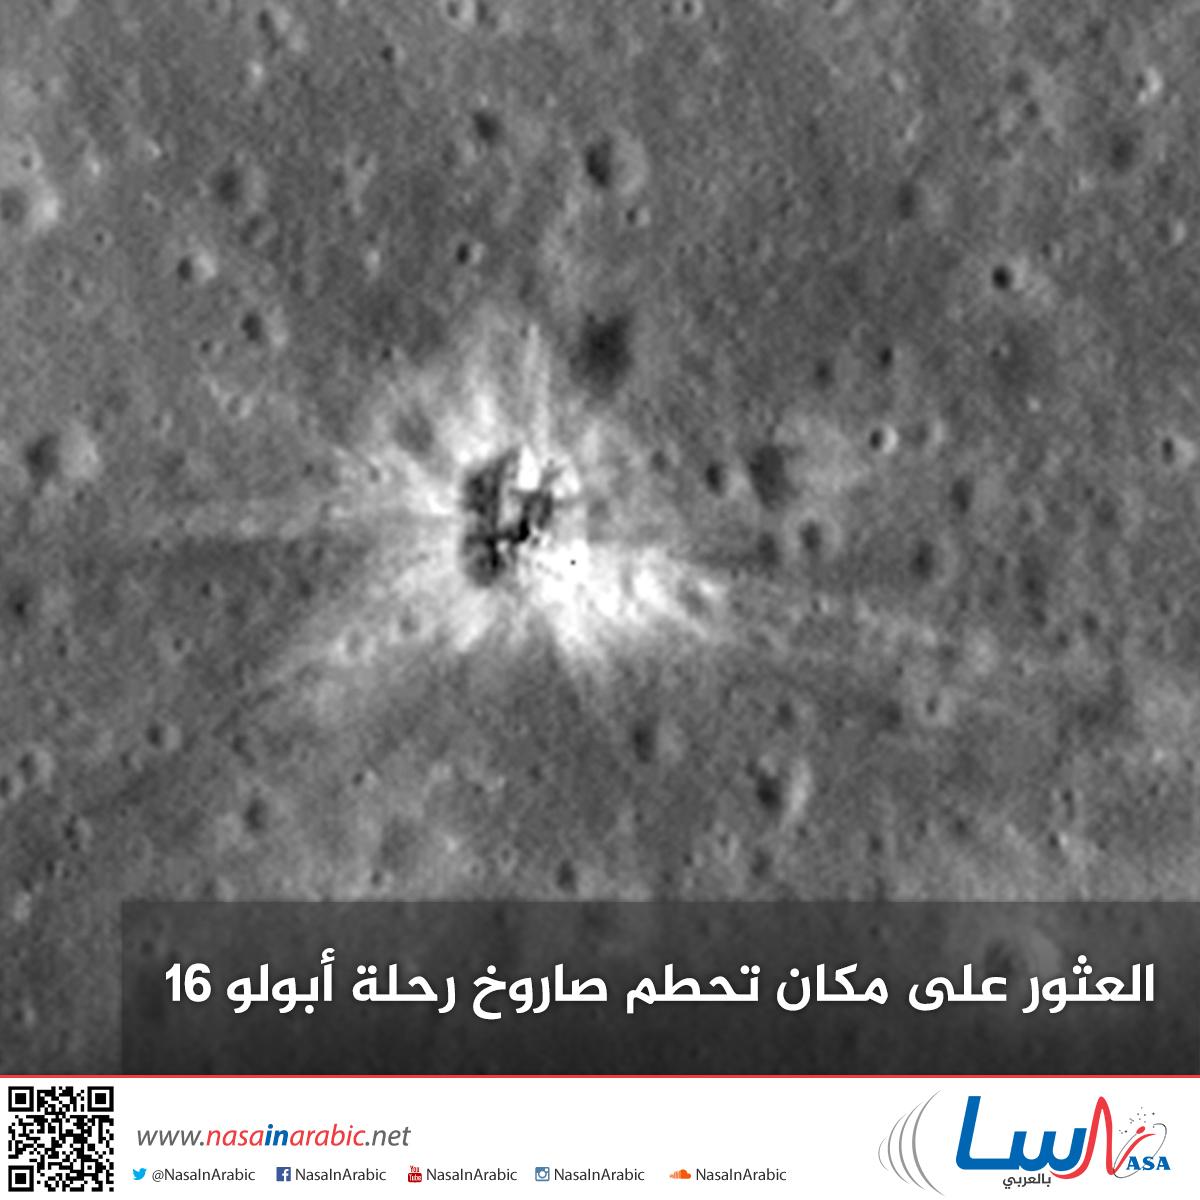 العثور على مكان تحطم صاروخ رحلة أبولو 16